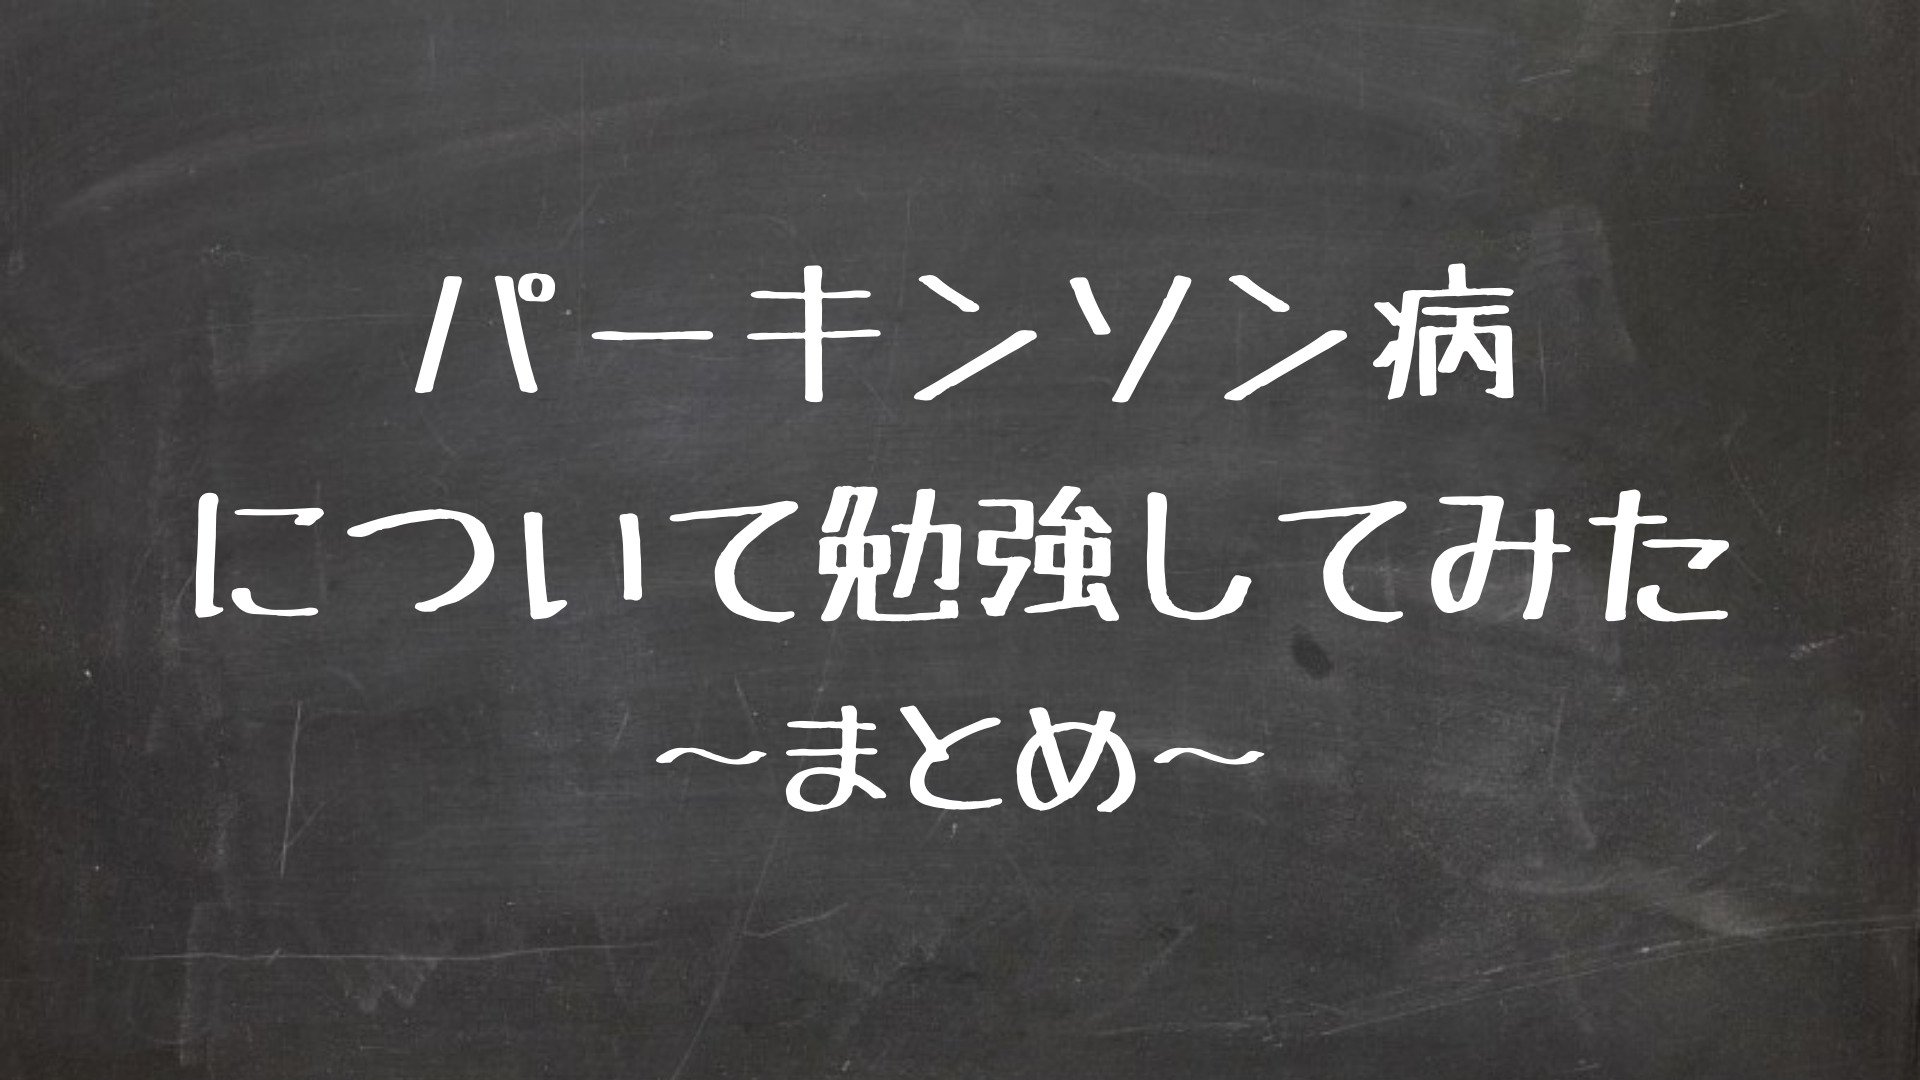 パーキンソン病について勉強してみた 〜まとめ〜